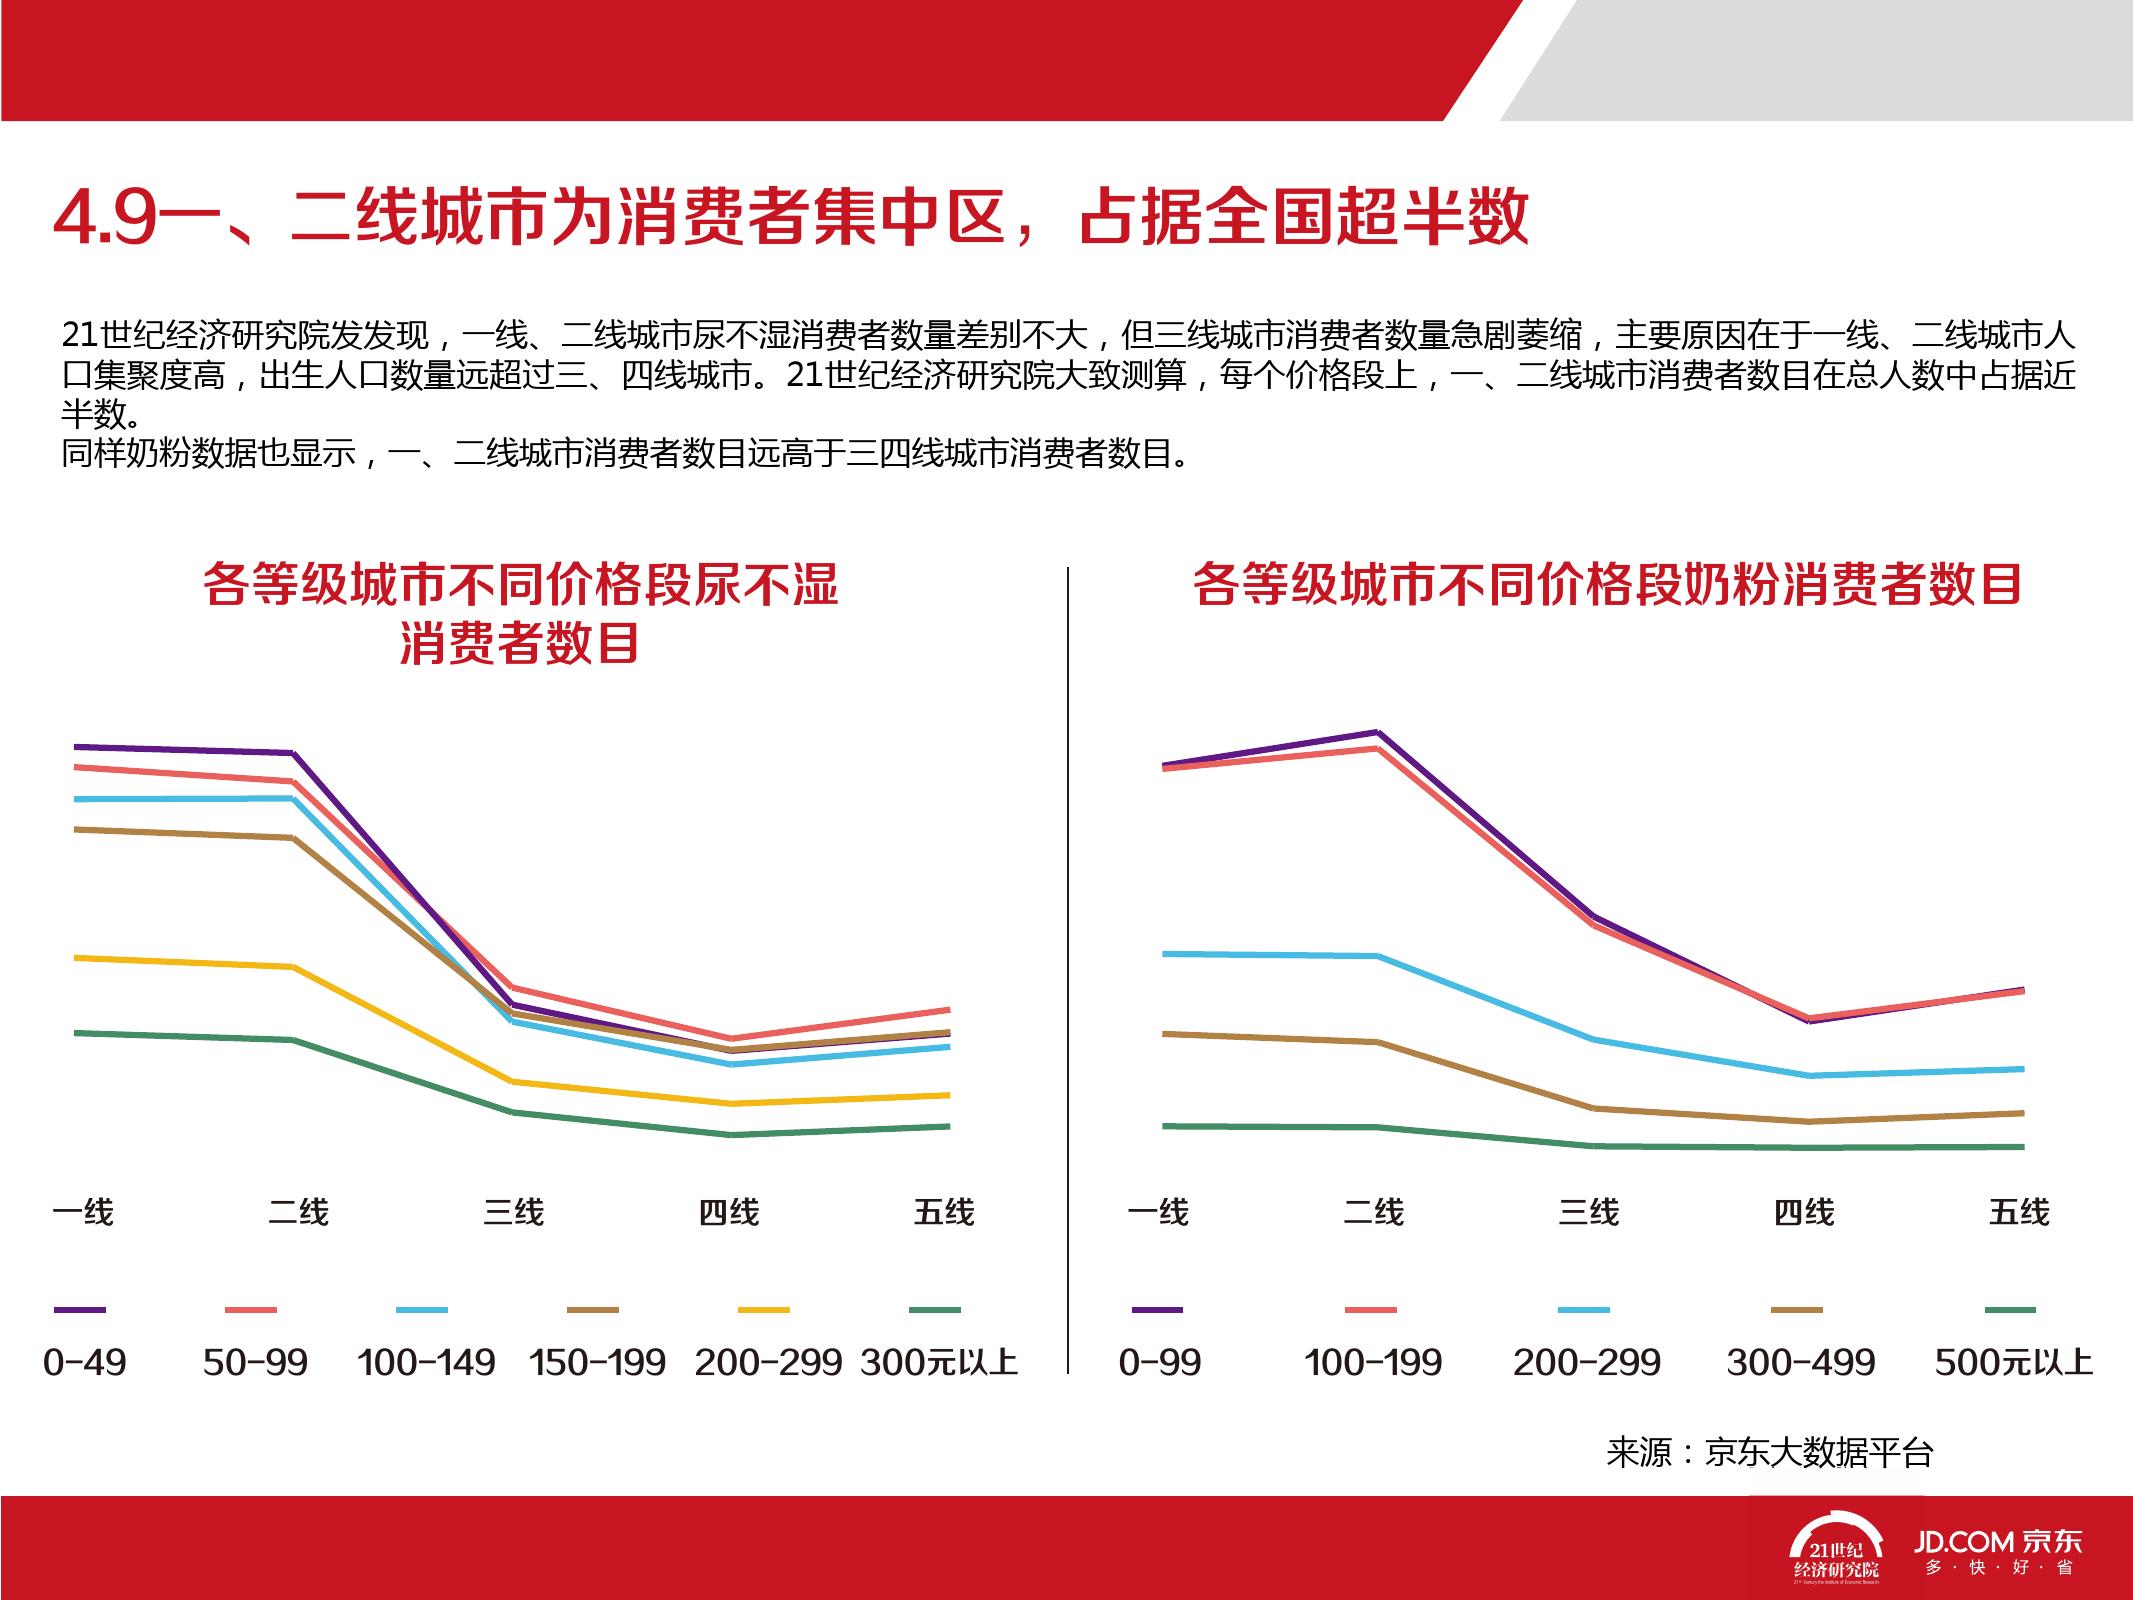 2016中国母婴产品消费趋势报告_000051